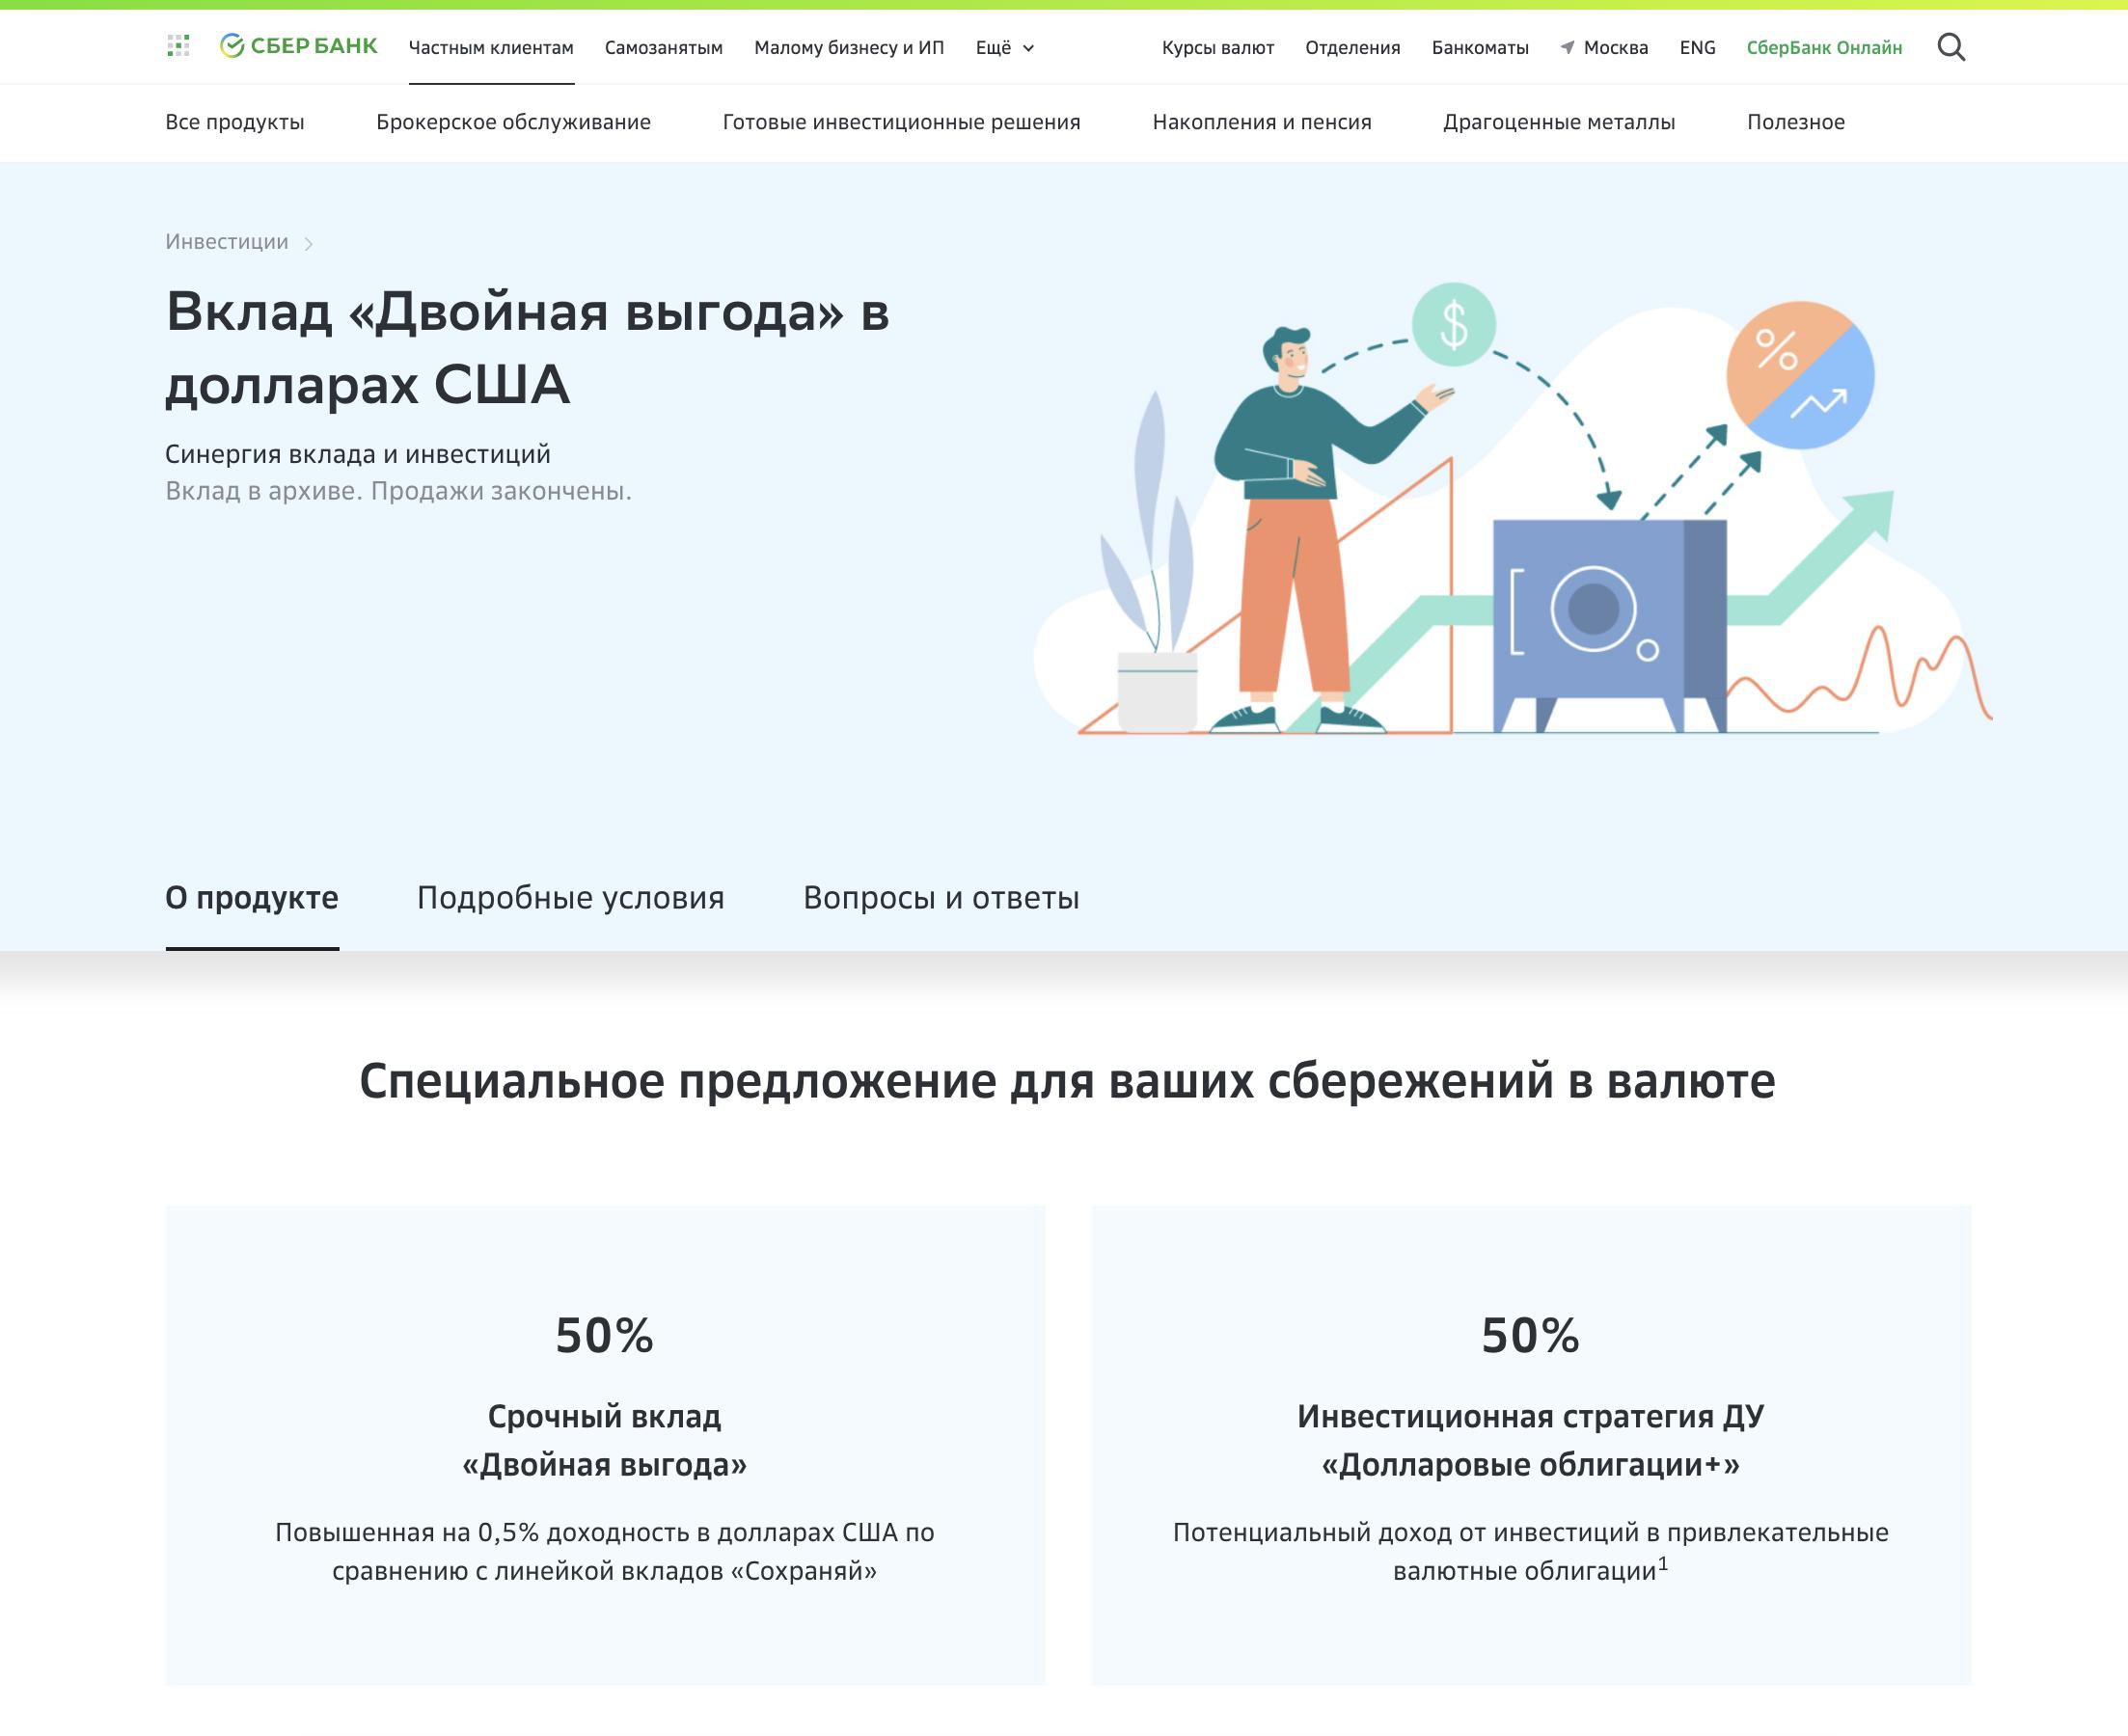 открытие валютного счета в Сбербанк Онлайн